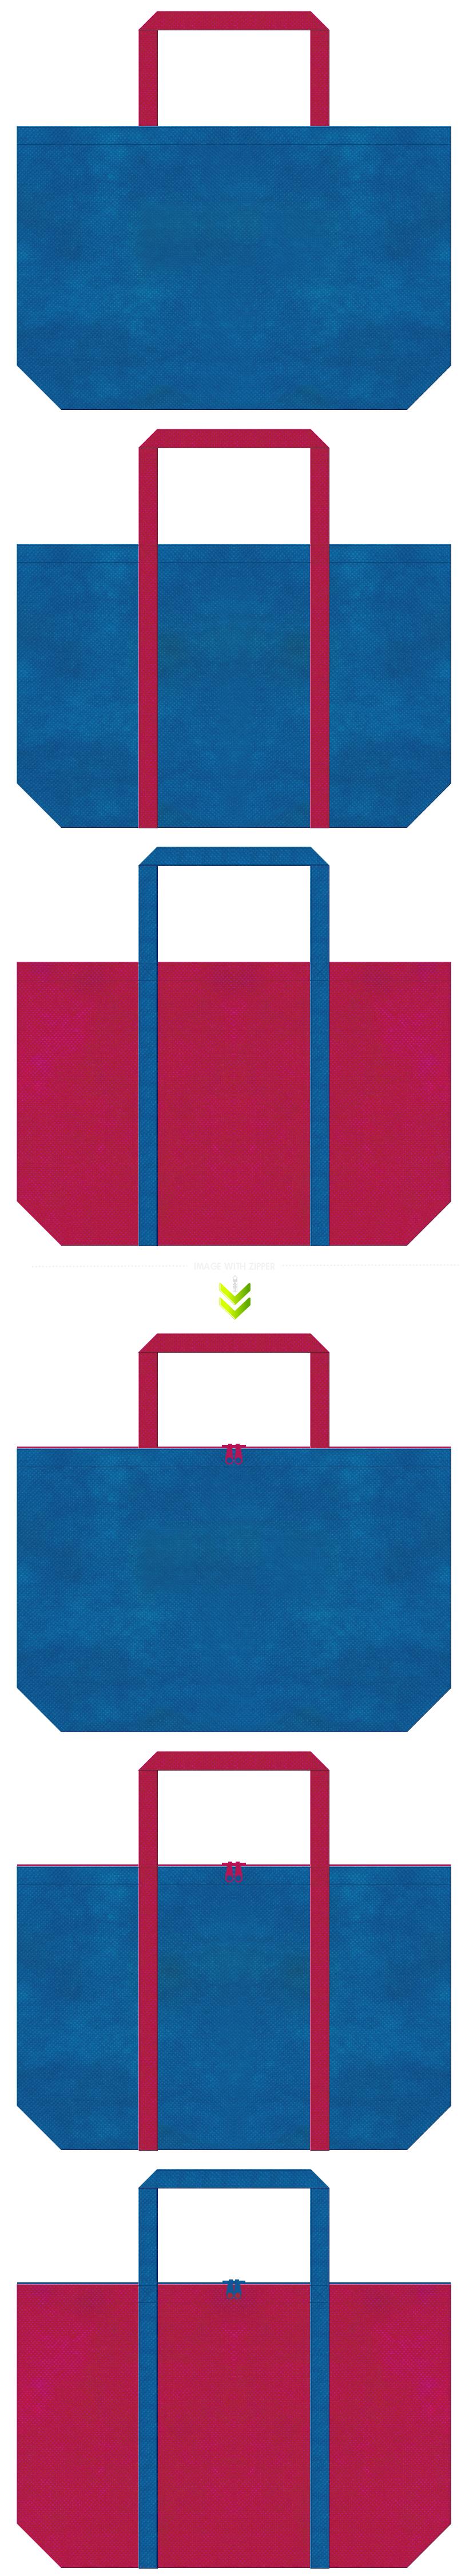 青色と濃いピンク色の不織布バッグデザイン。スノーボード・ウィンタースポーツのイメージにお奨めの配色です。